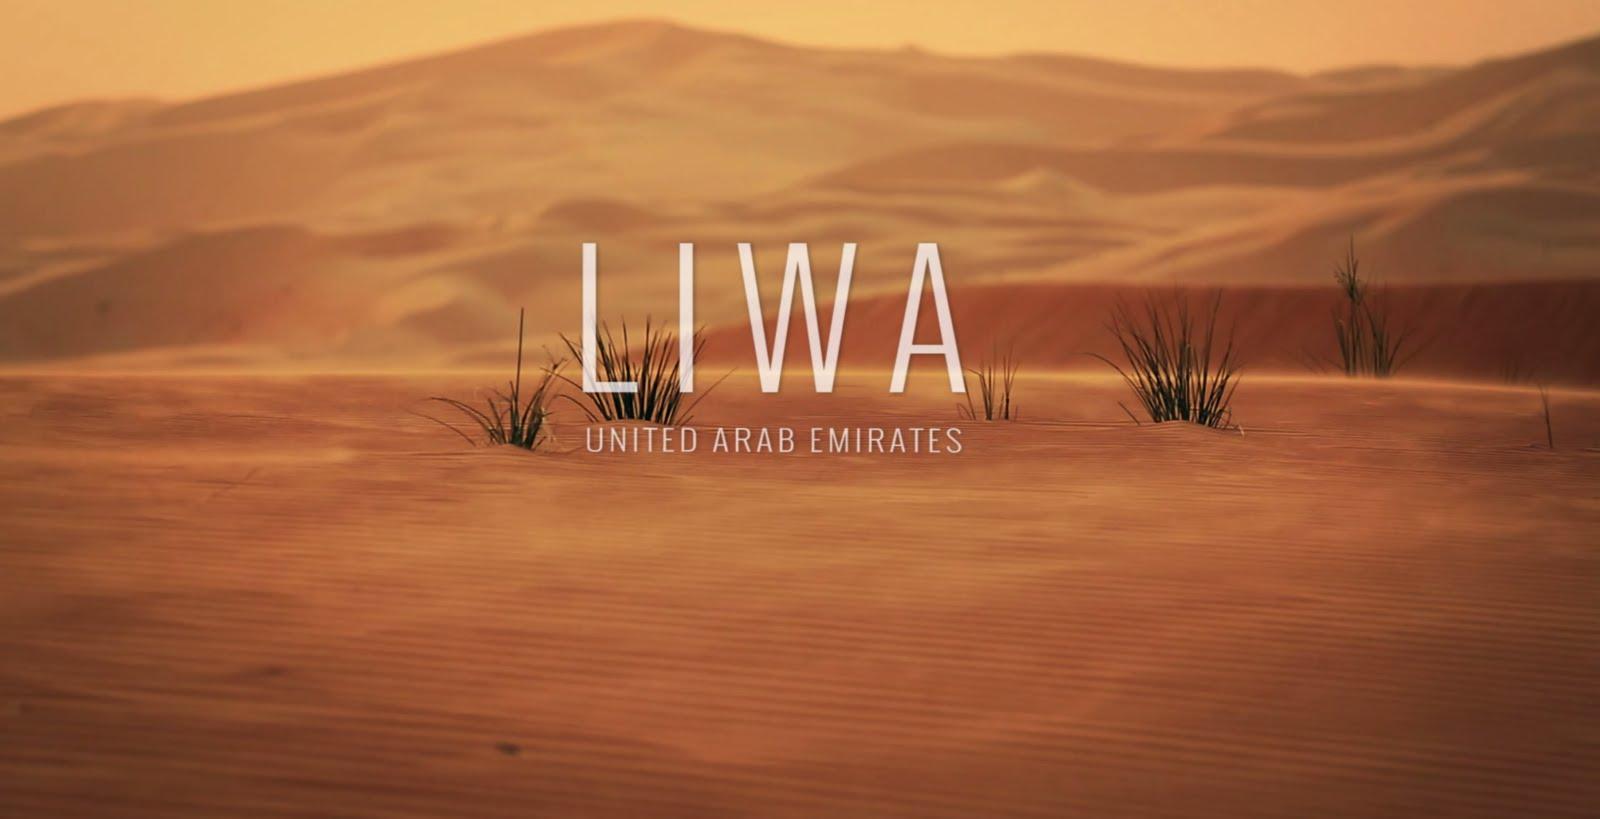 جوجل تستأجر جمل لتصوير صحراء ليوا في أبو ظبي